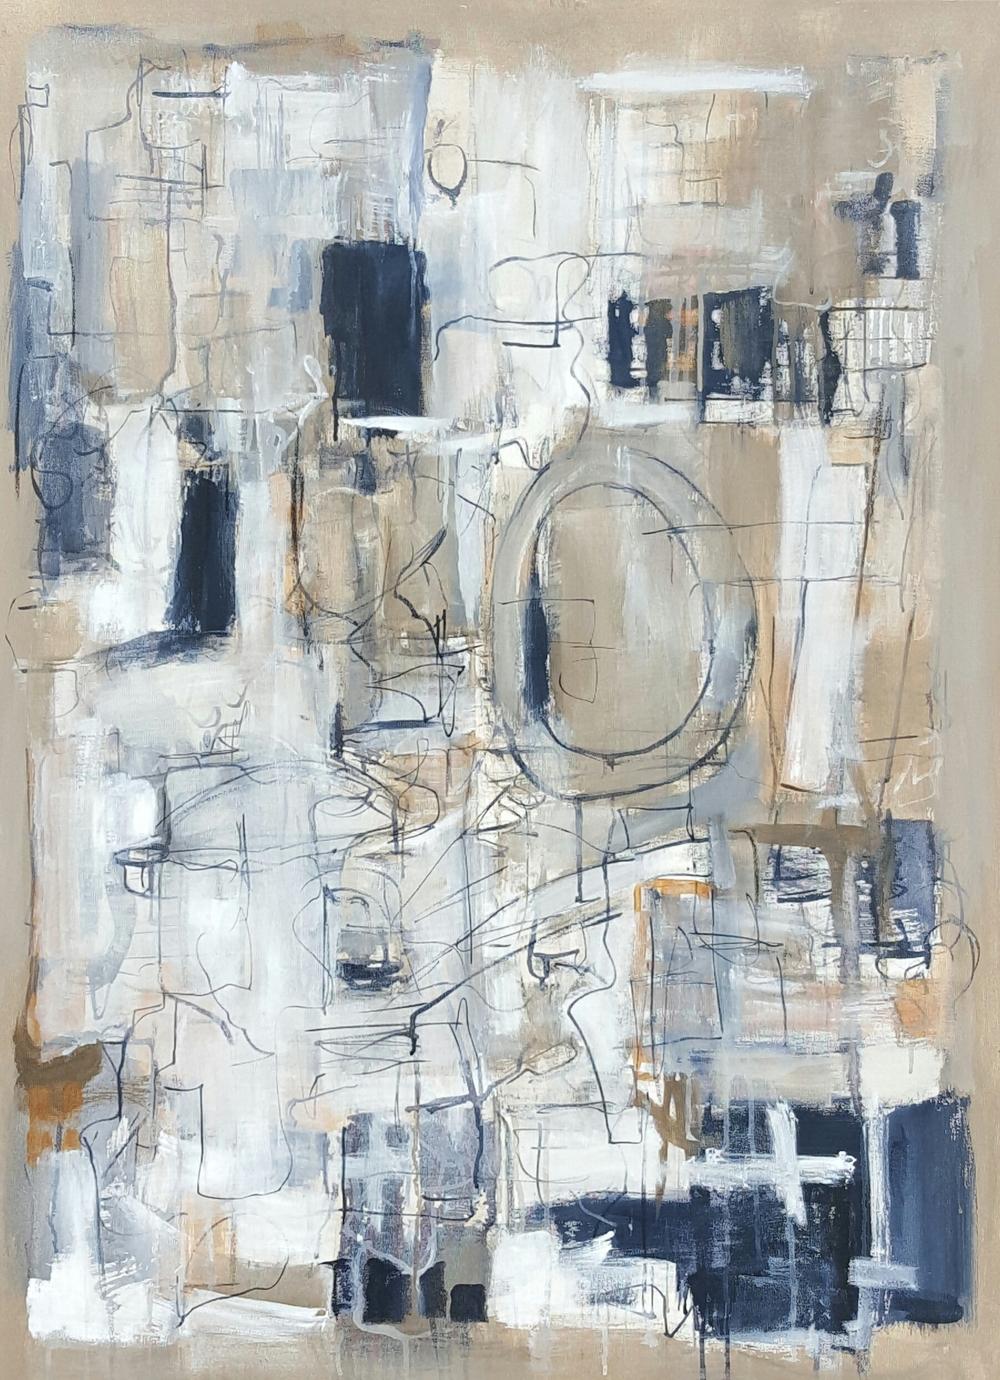 Deira: Abstract